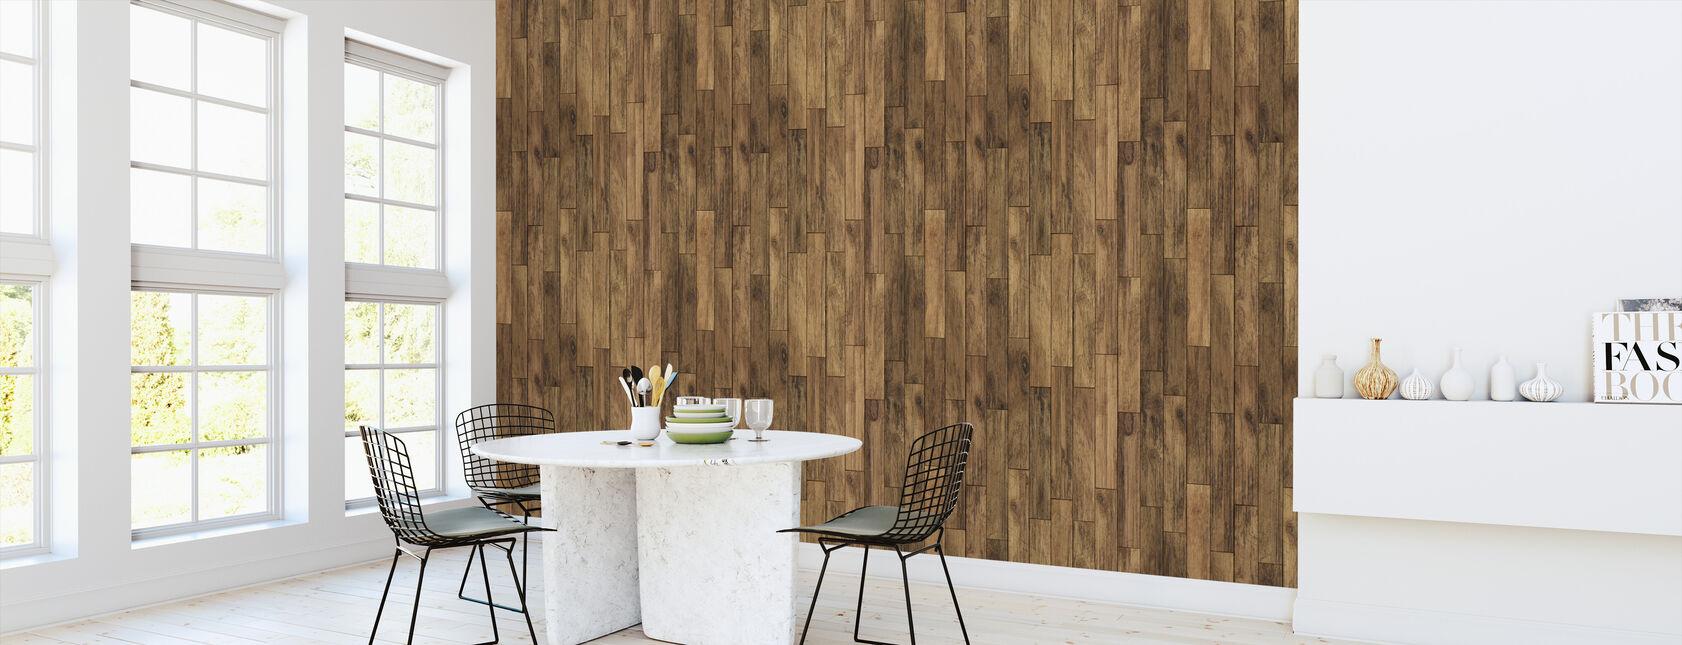 Parquet - Wallpaper - Kitchen